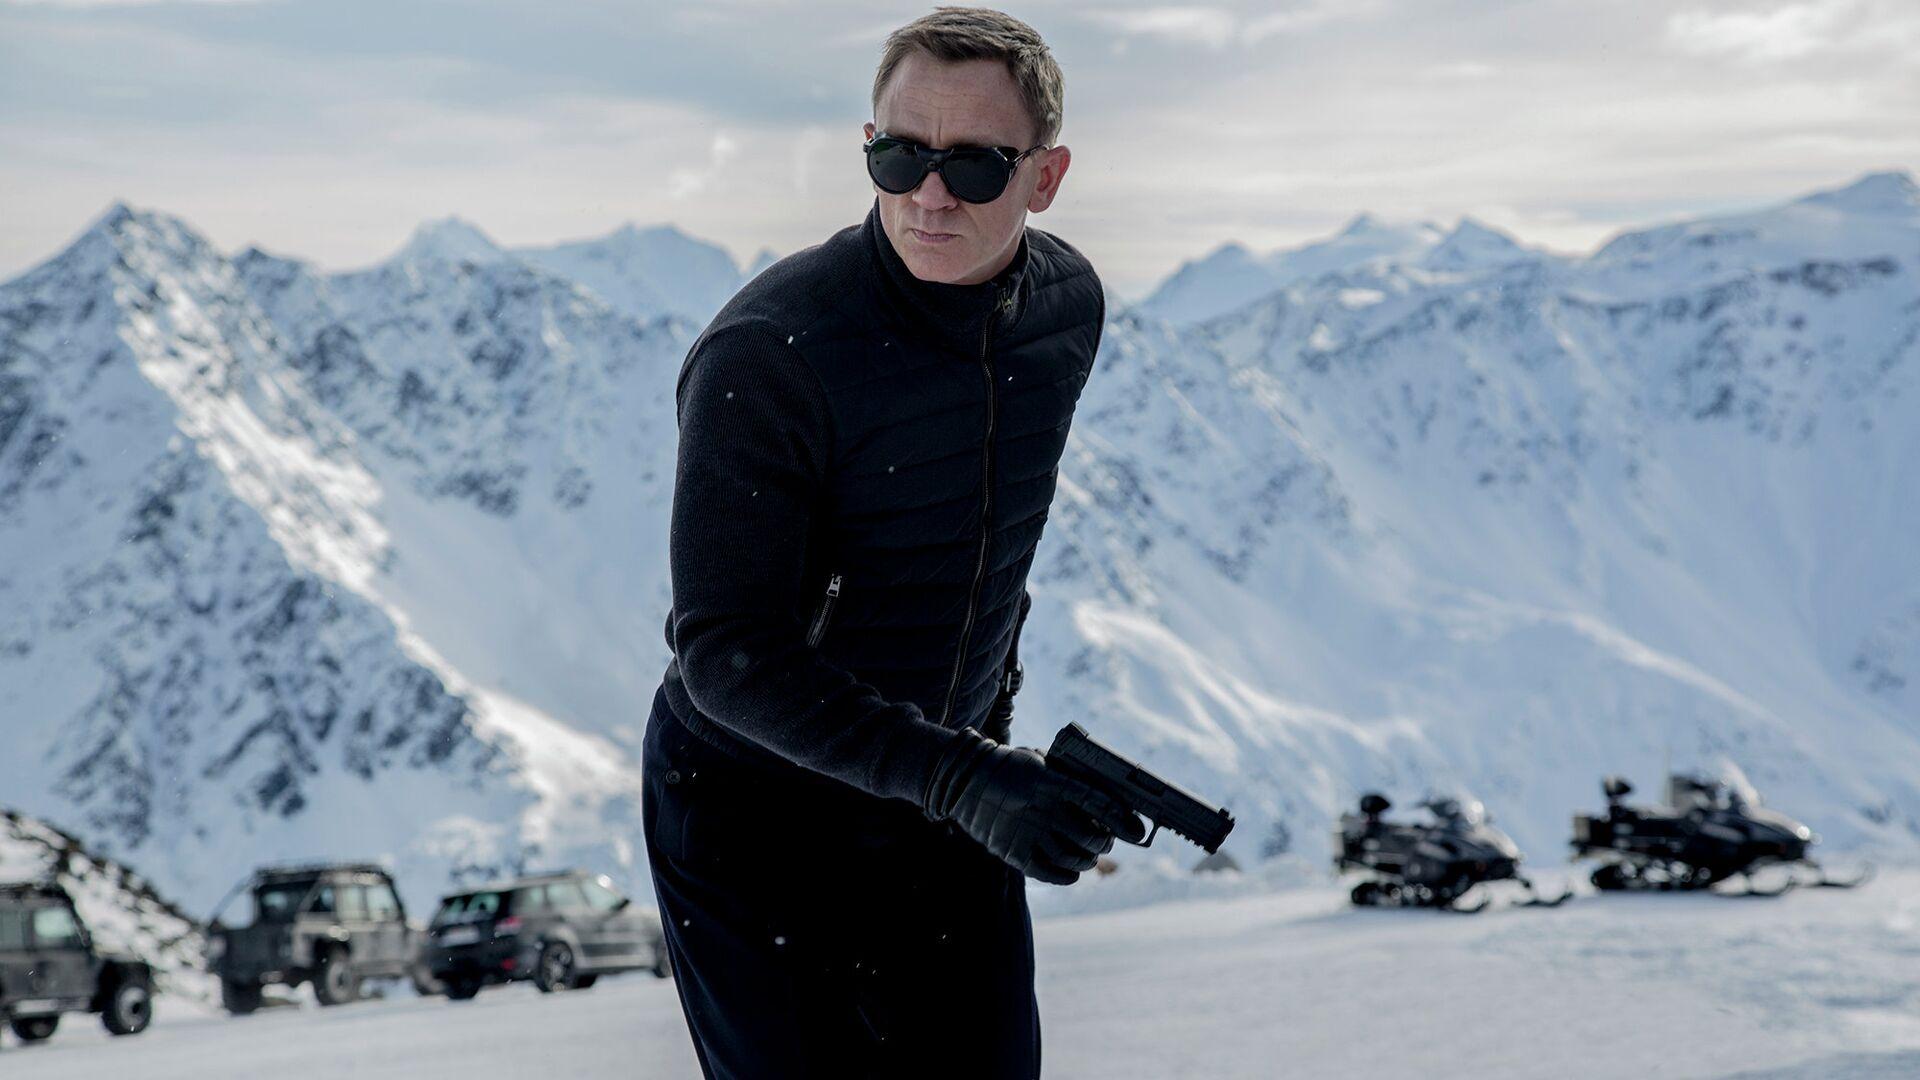 Кадр из фильма 007: Спектр - РИА Новости, 1920, 24.02.2020